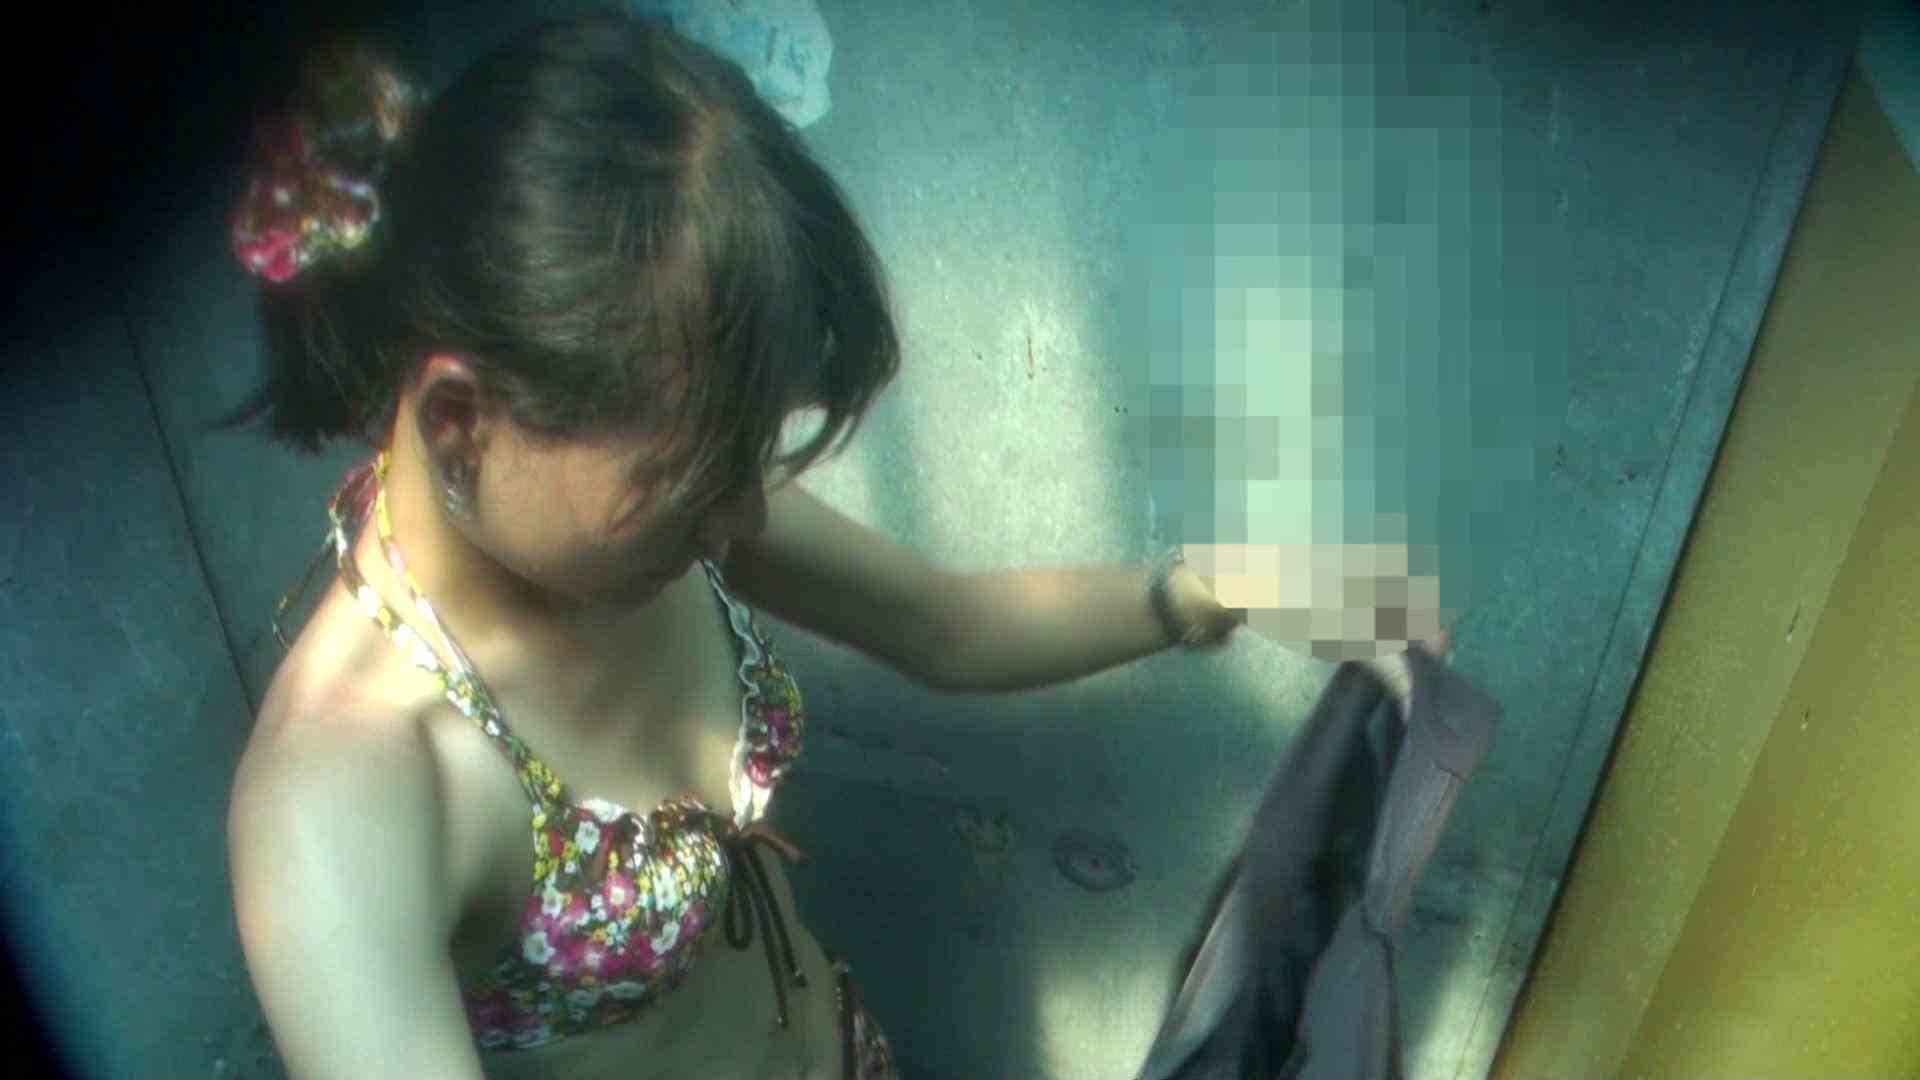 シャワールームは超!!危険な香りVol.16 意外に乳首は年増のそれ 乳首 おめこ無修正画像 97pic 82